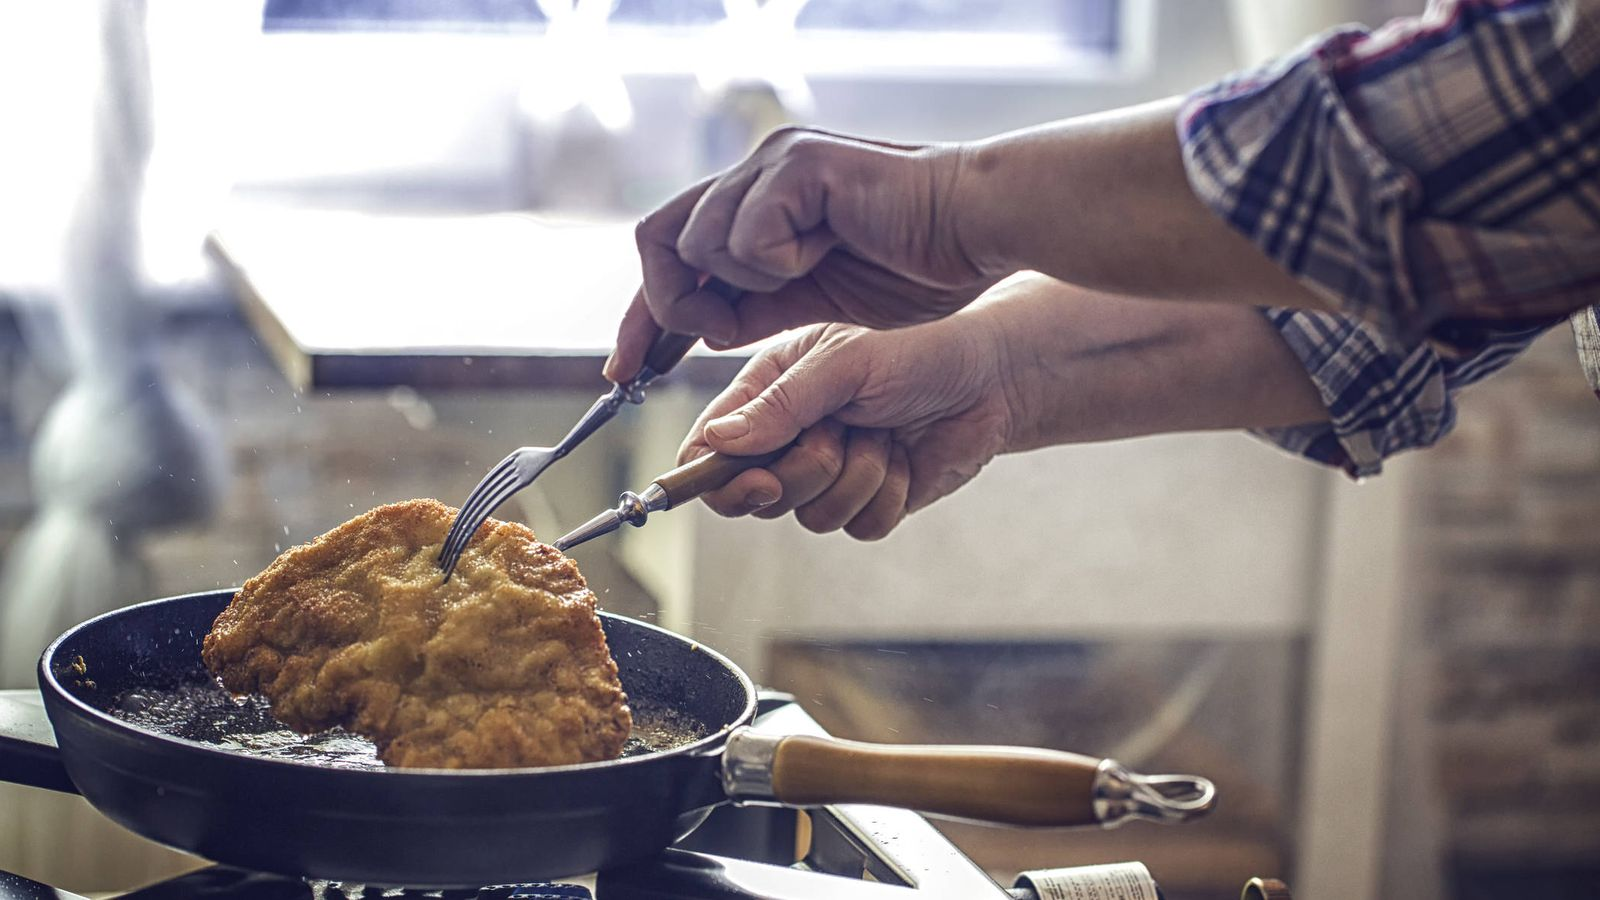 Foto: Son técnicas capaces de convertir cualquier comida buena, en maravillosa. iStock